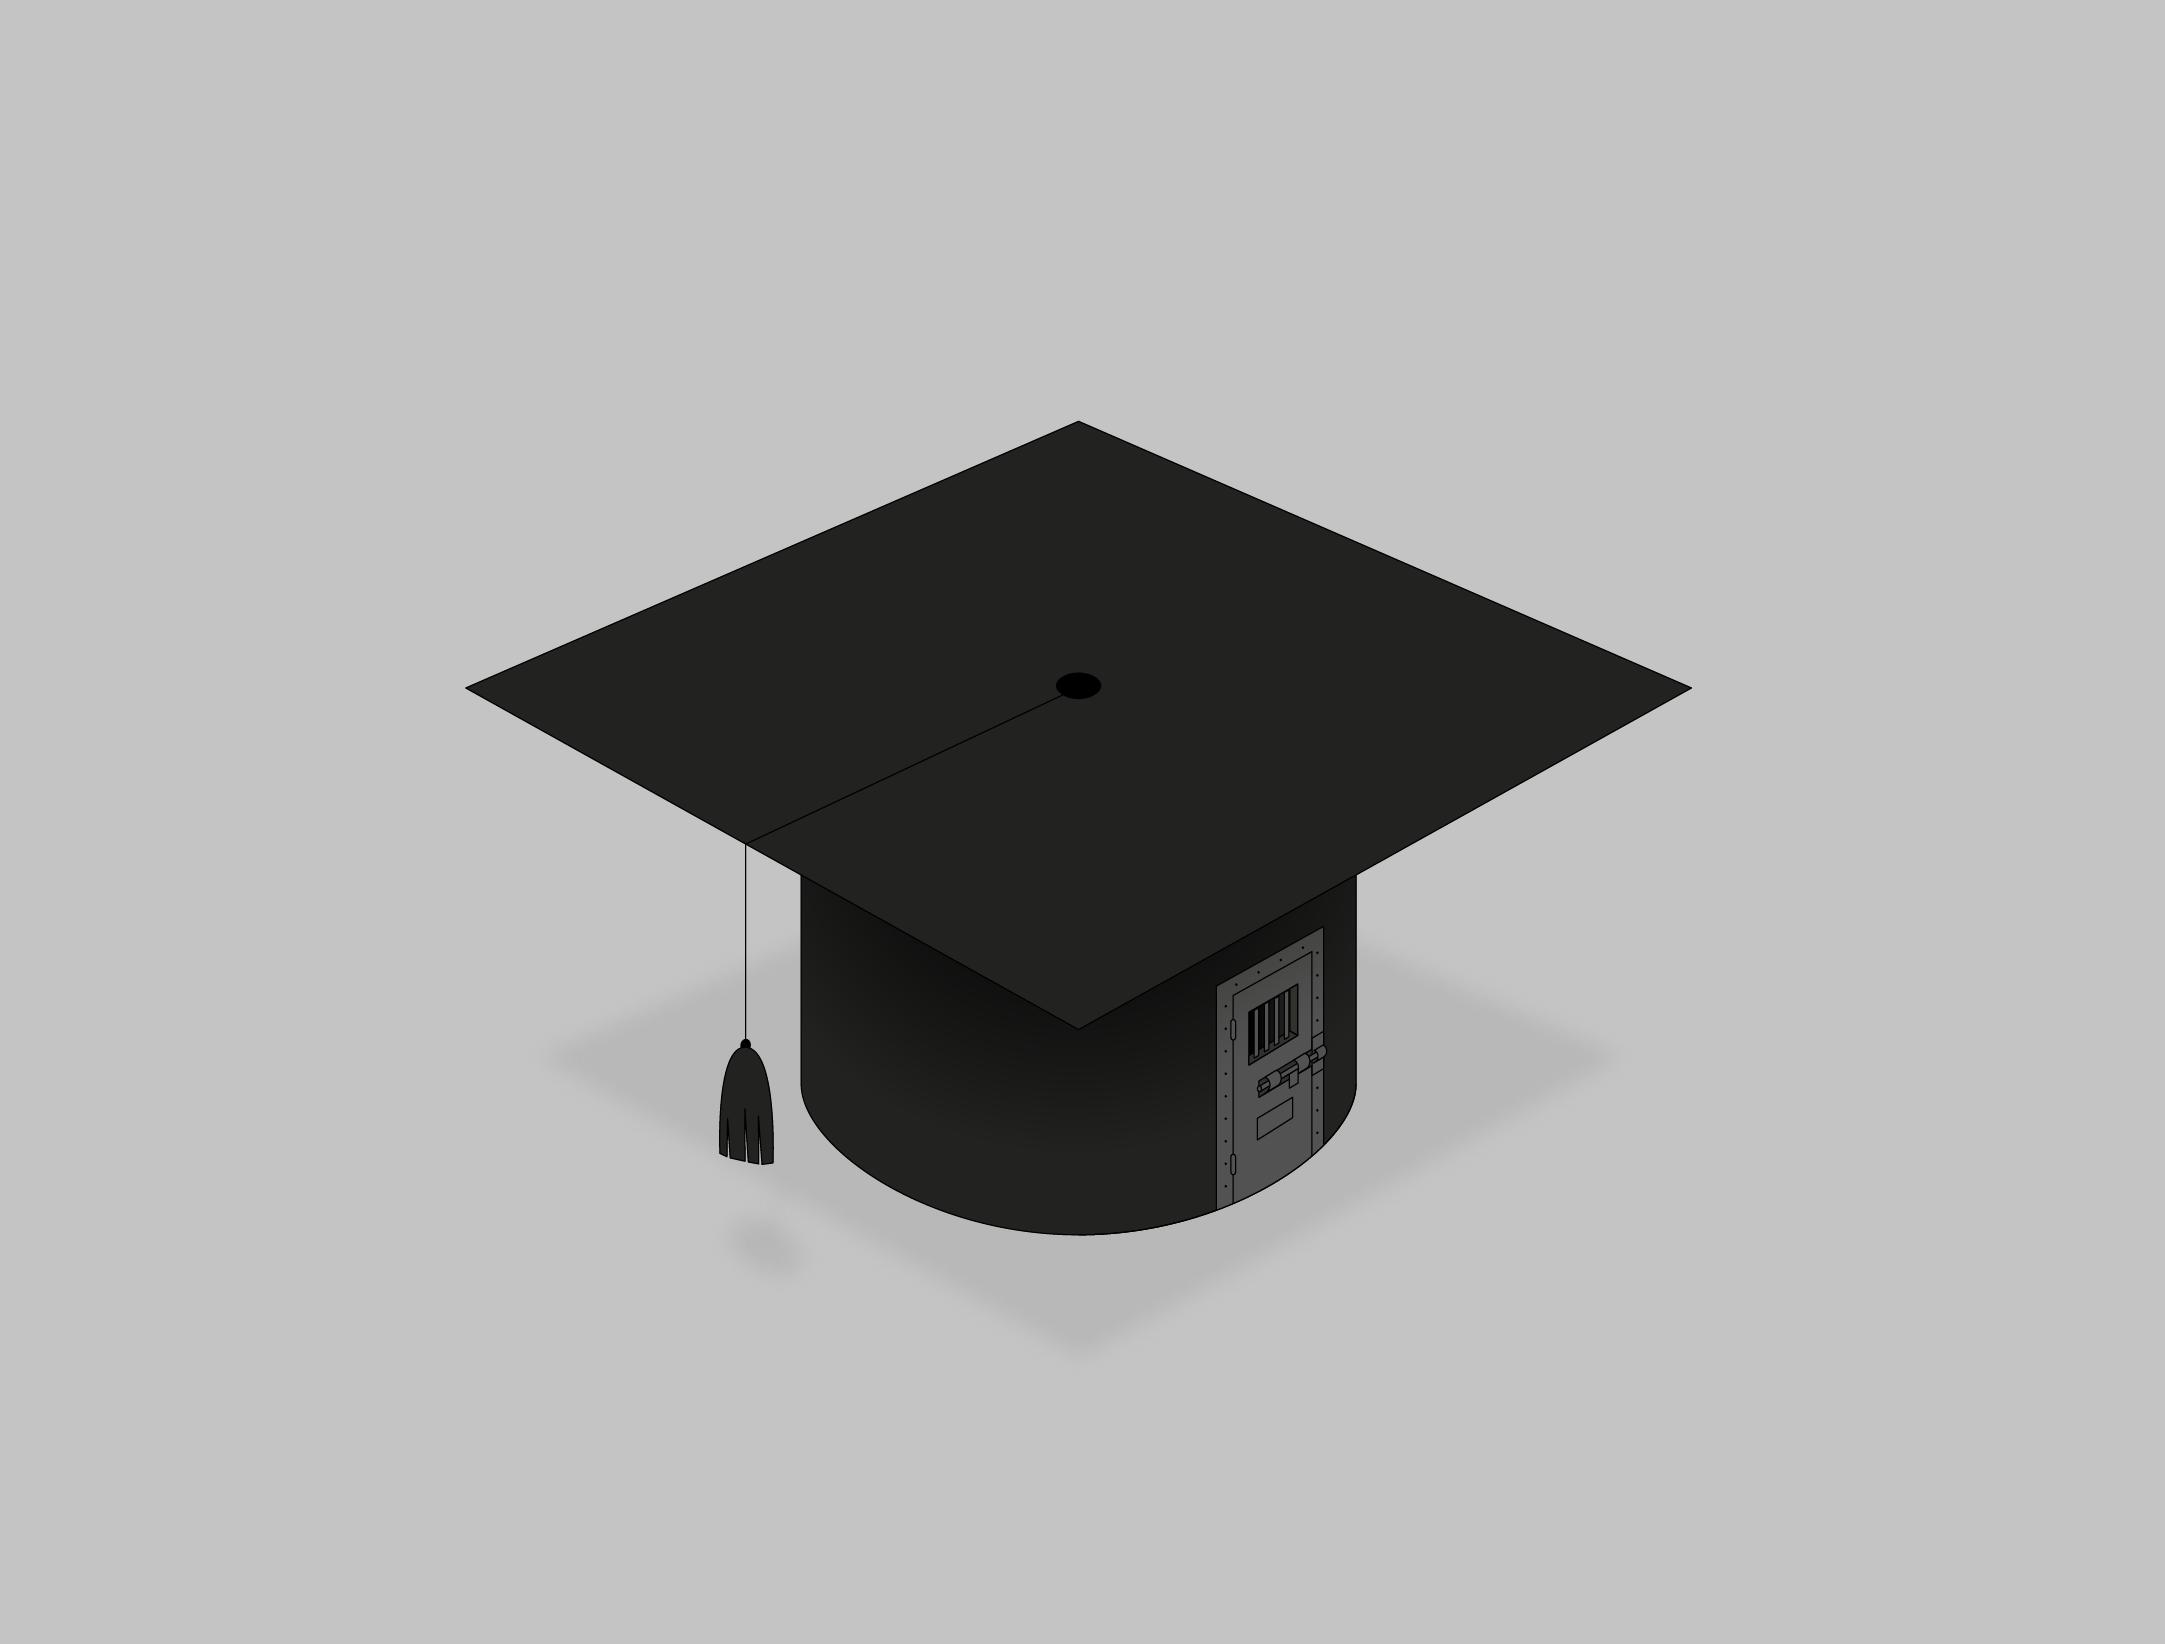 Lieve Luuk: Ik wil van studie wisselen, maar ben al afgestudeerd